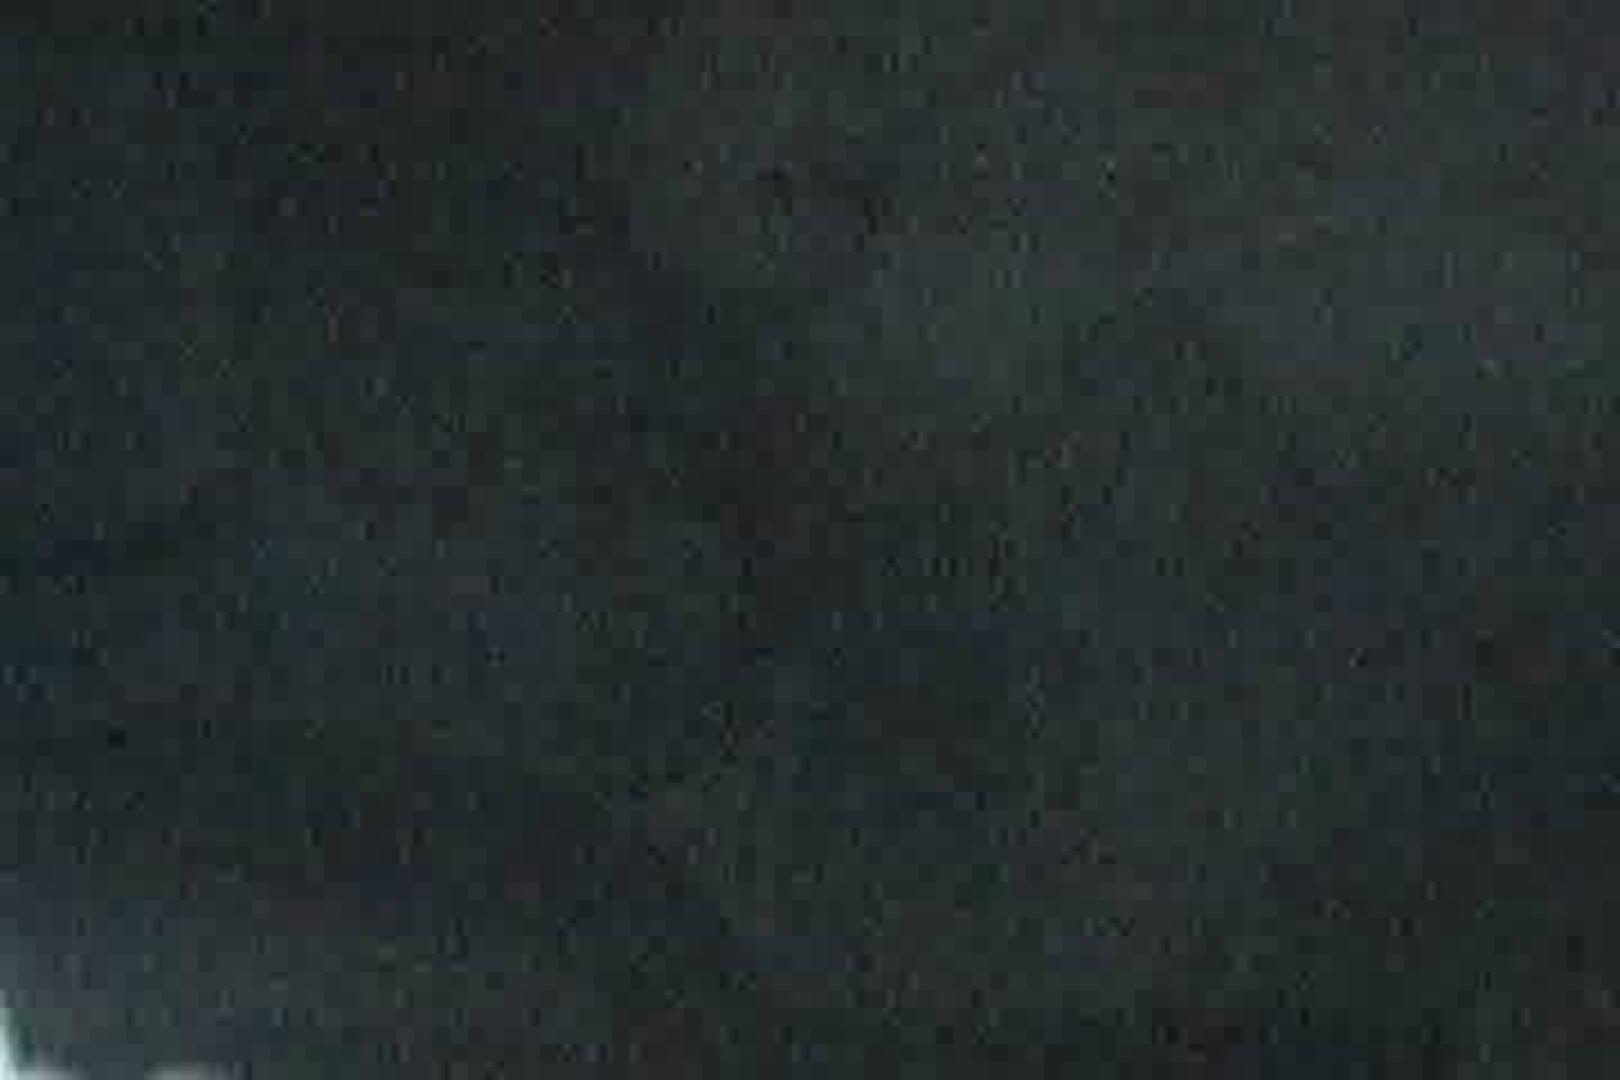 充血監督の深夜の運動会Vol.8 おっぱい オマンコ無修正動画無料 106画像 78